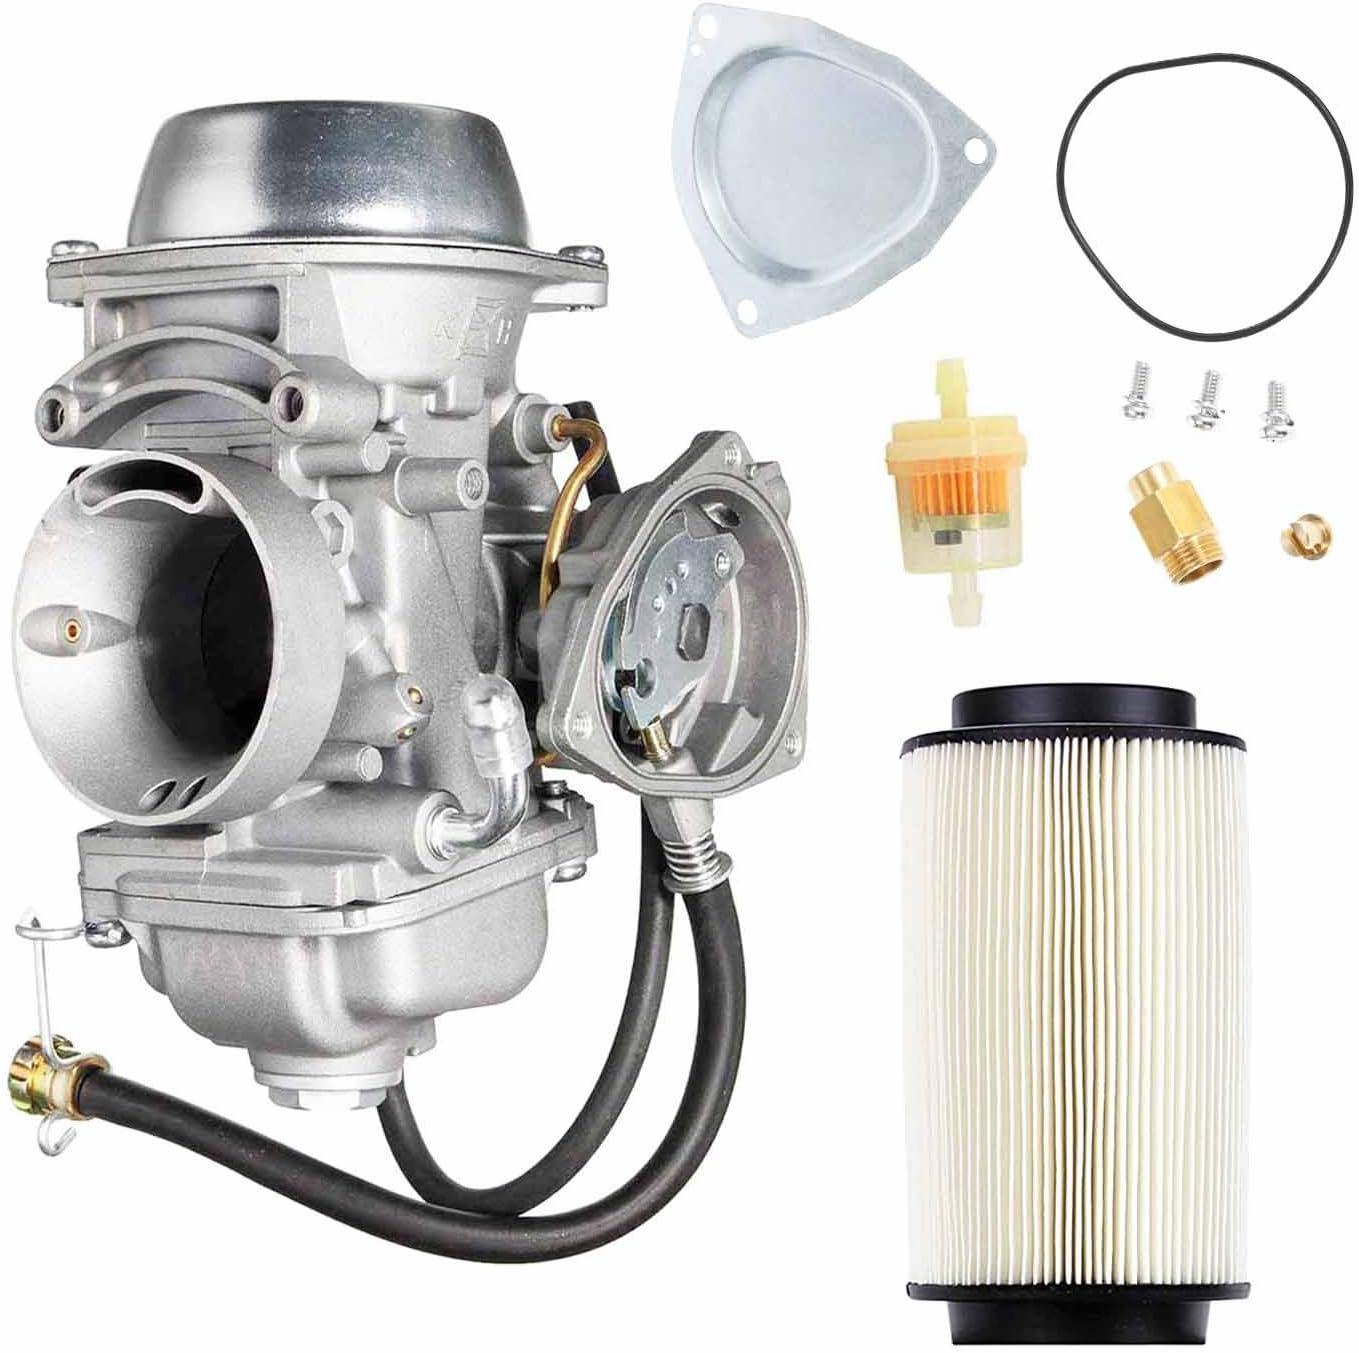 Amazon.com: Carburetor w/Air Filter for Polaris Sportsman 500 4X4 HO 2001  2002 2003 2004 2005 Carb: AutomotiveAmazon.com